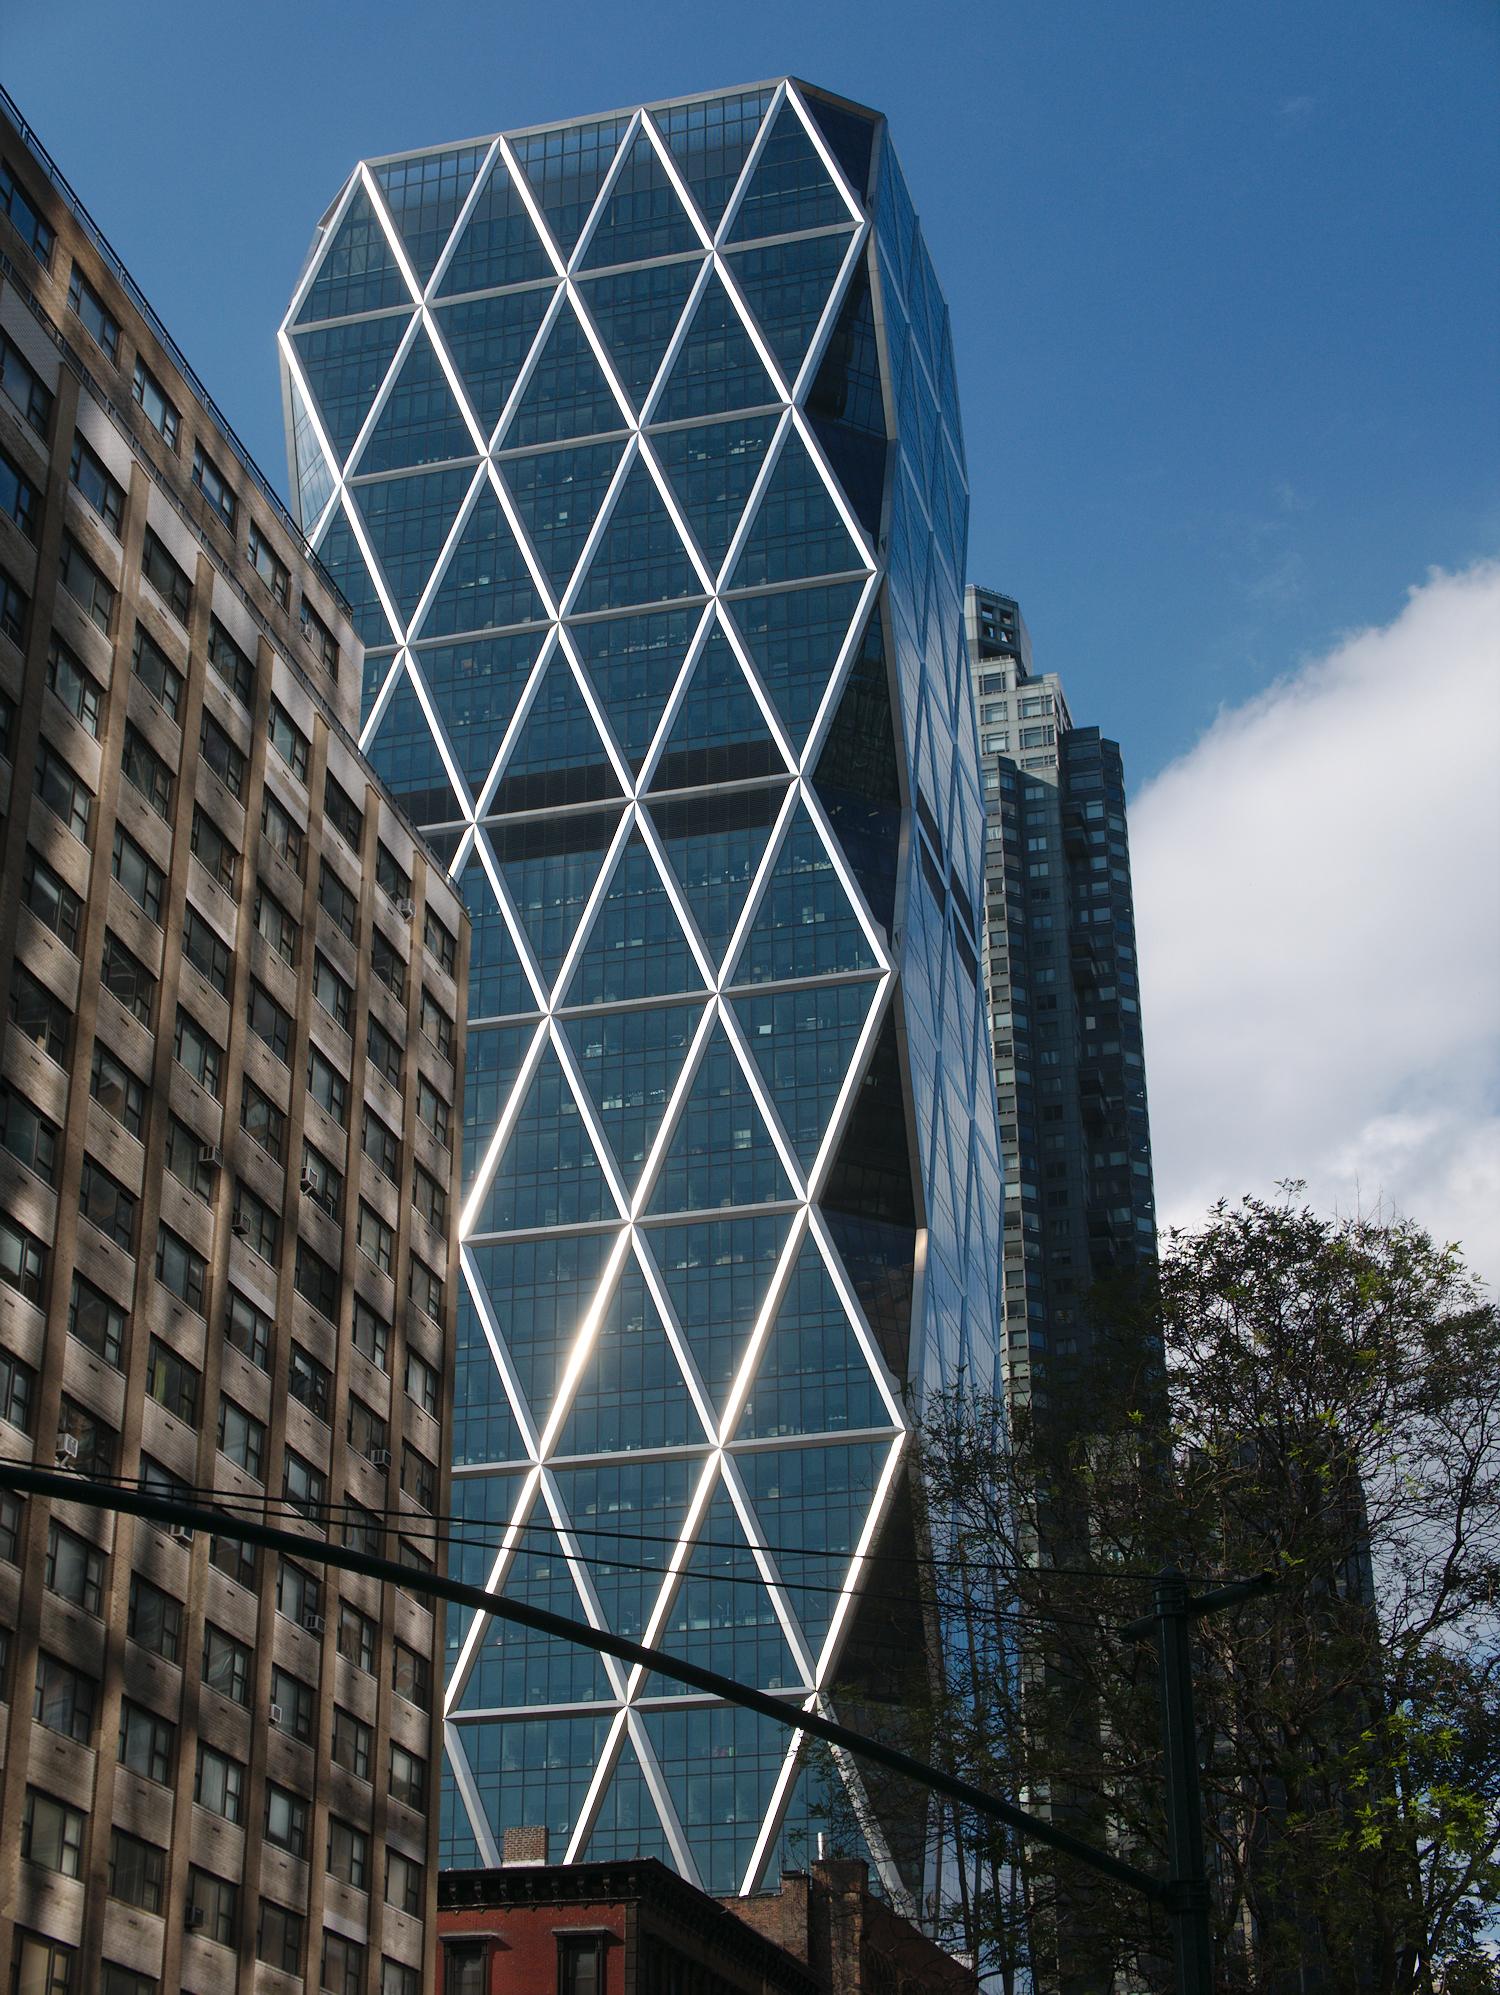 Criss-crossed building